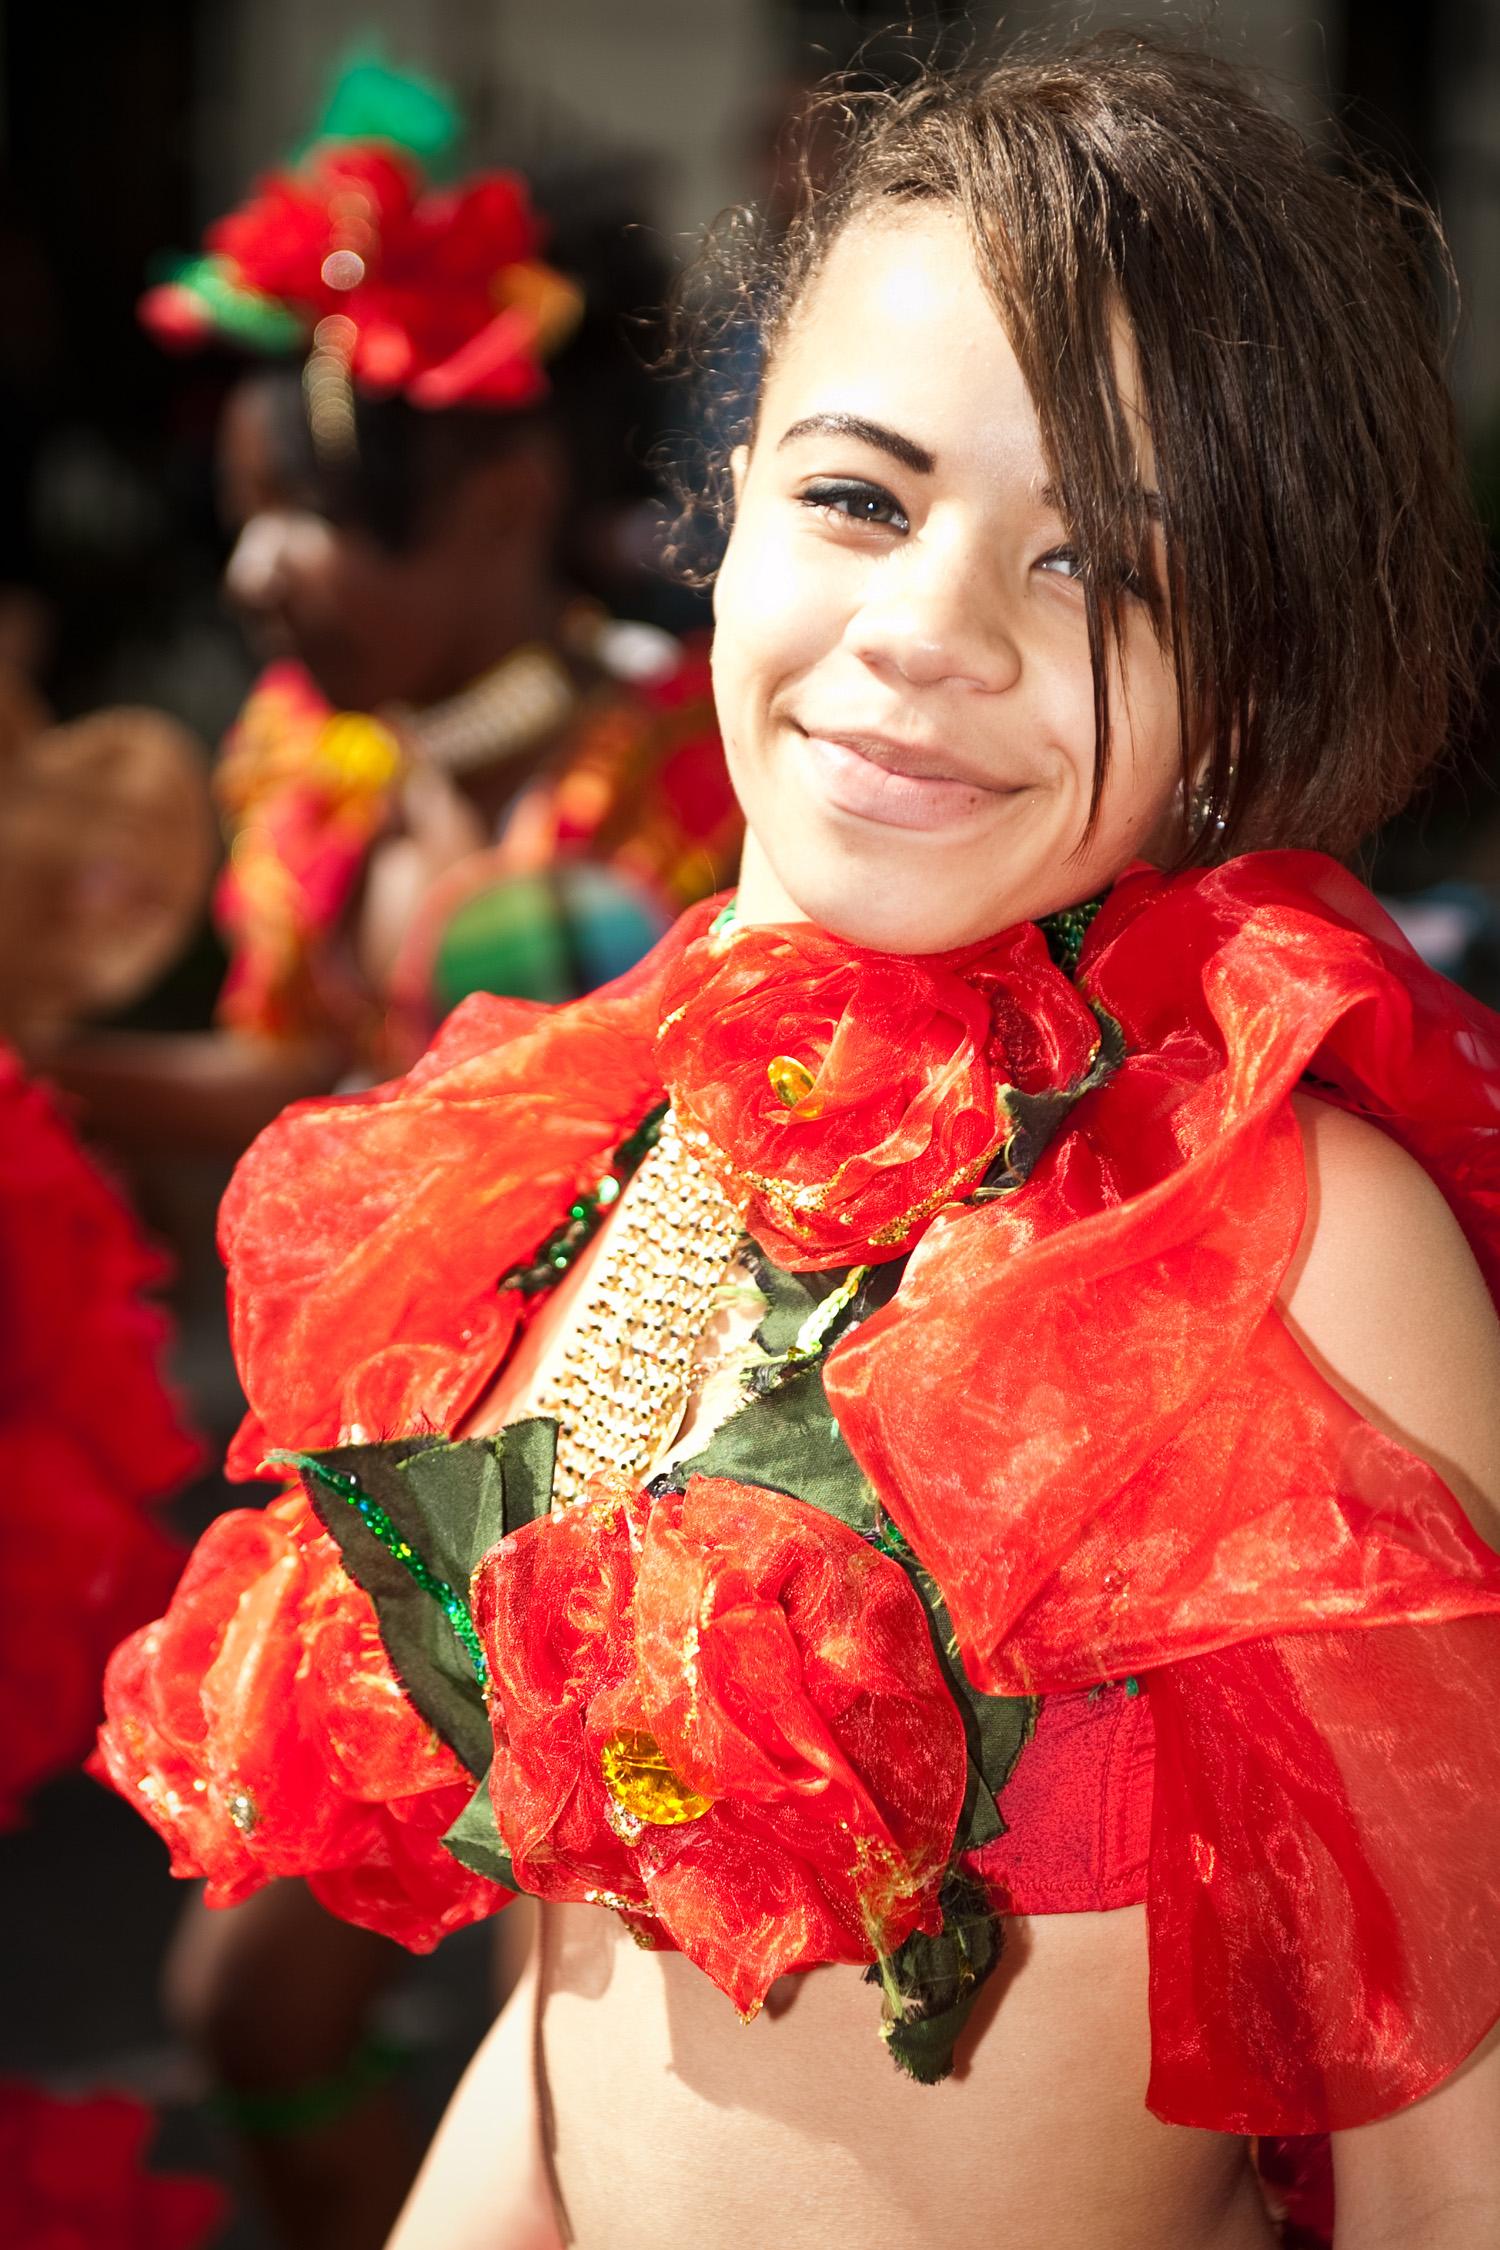 Carnival_the_Kids_11